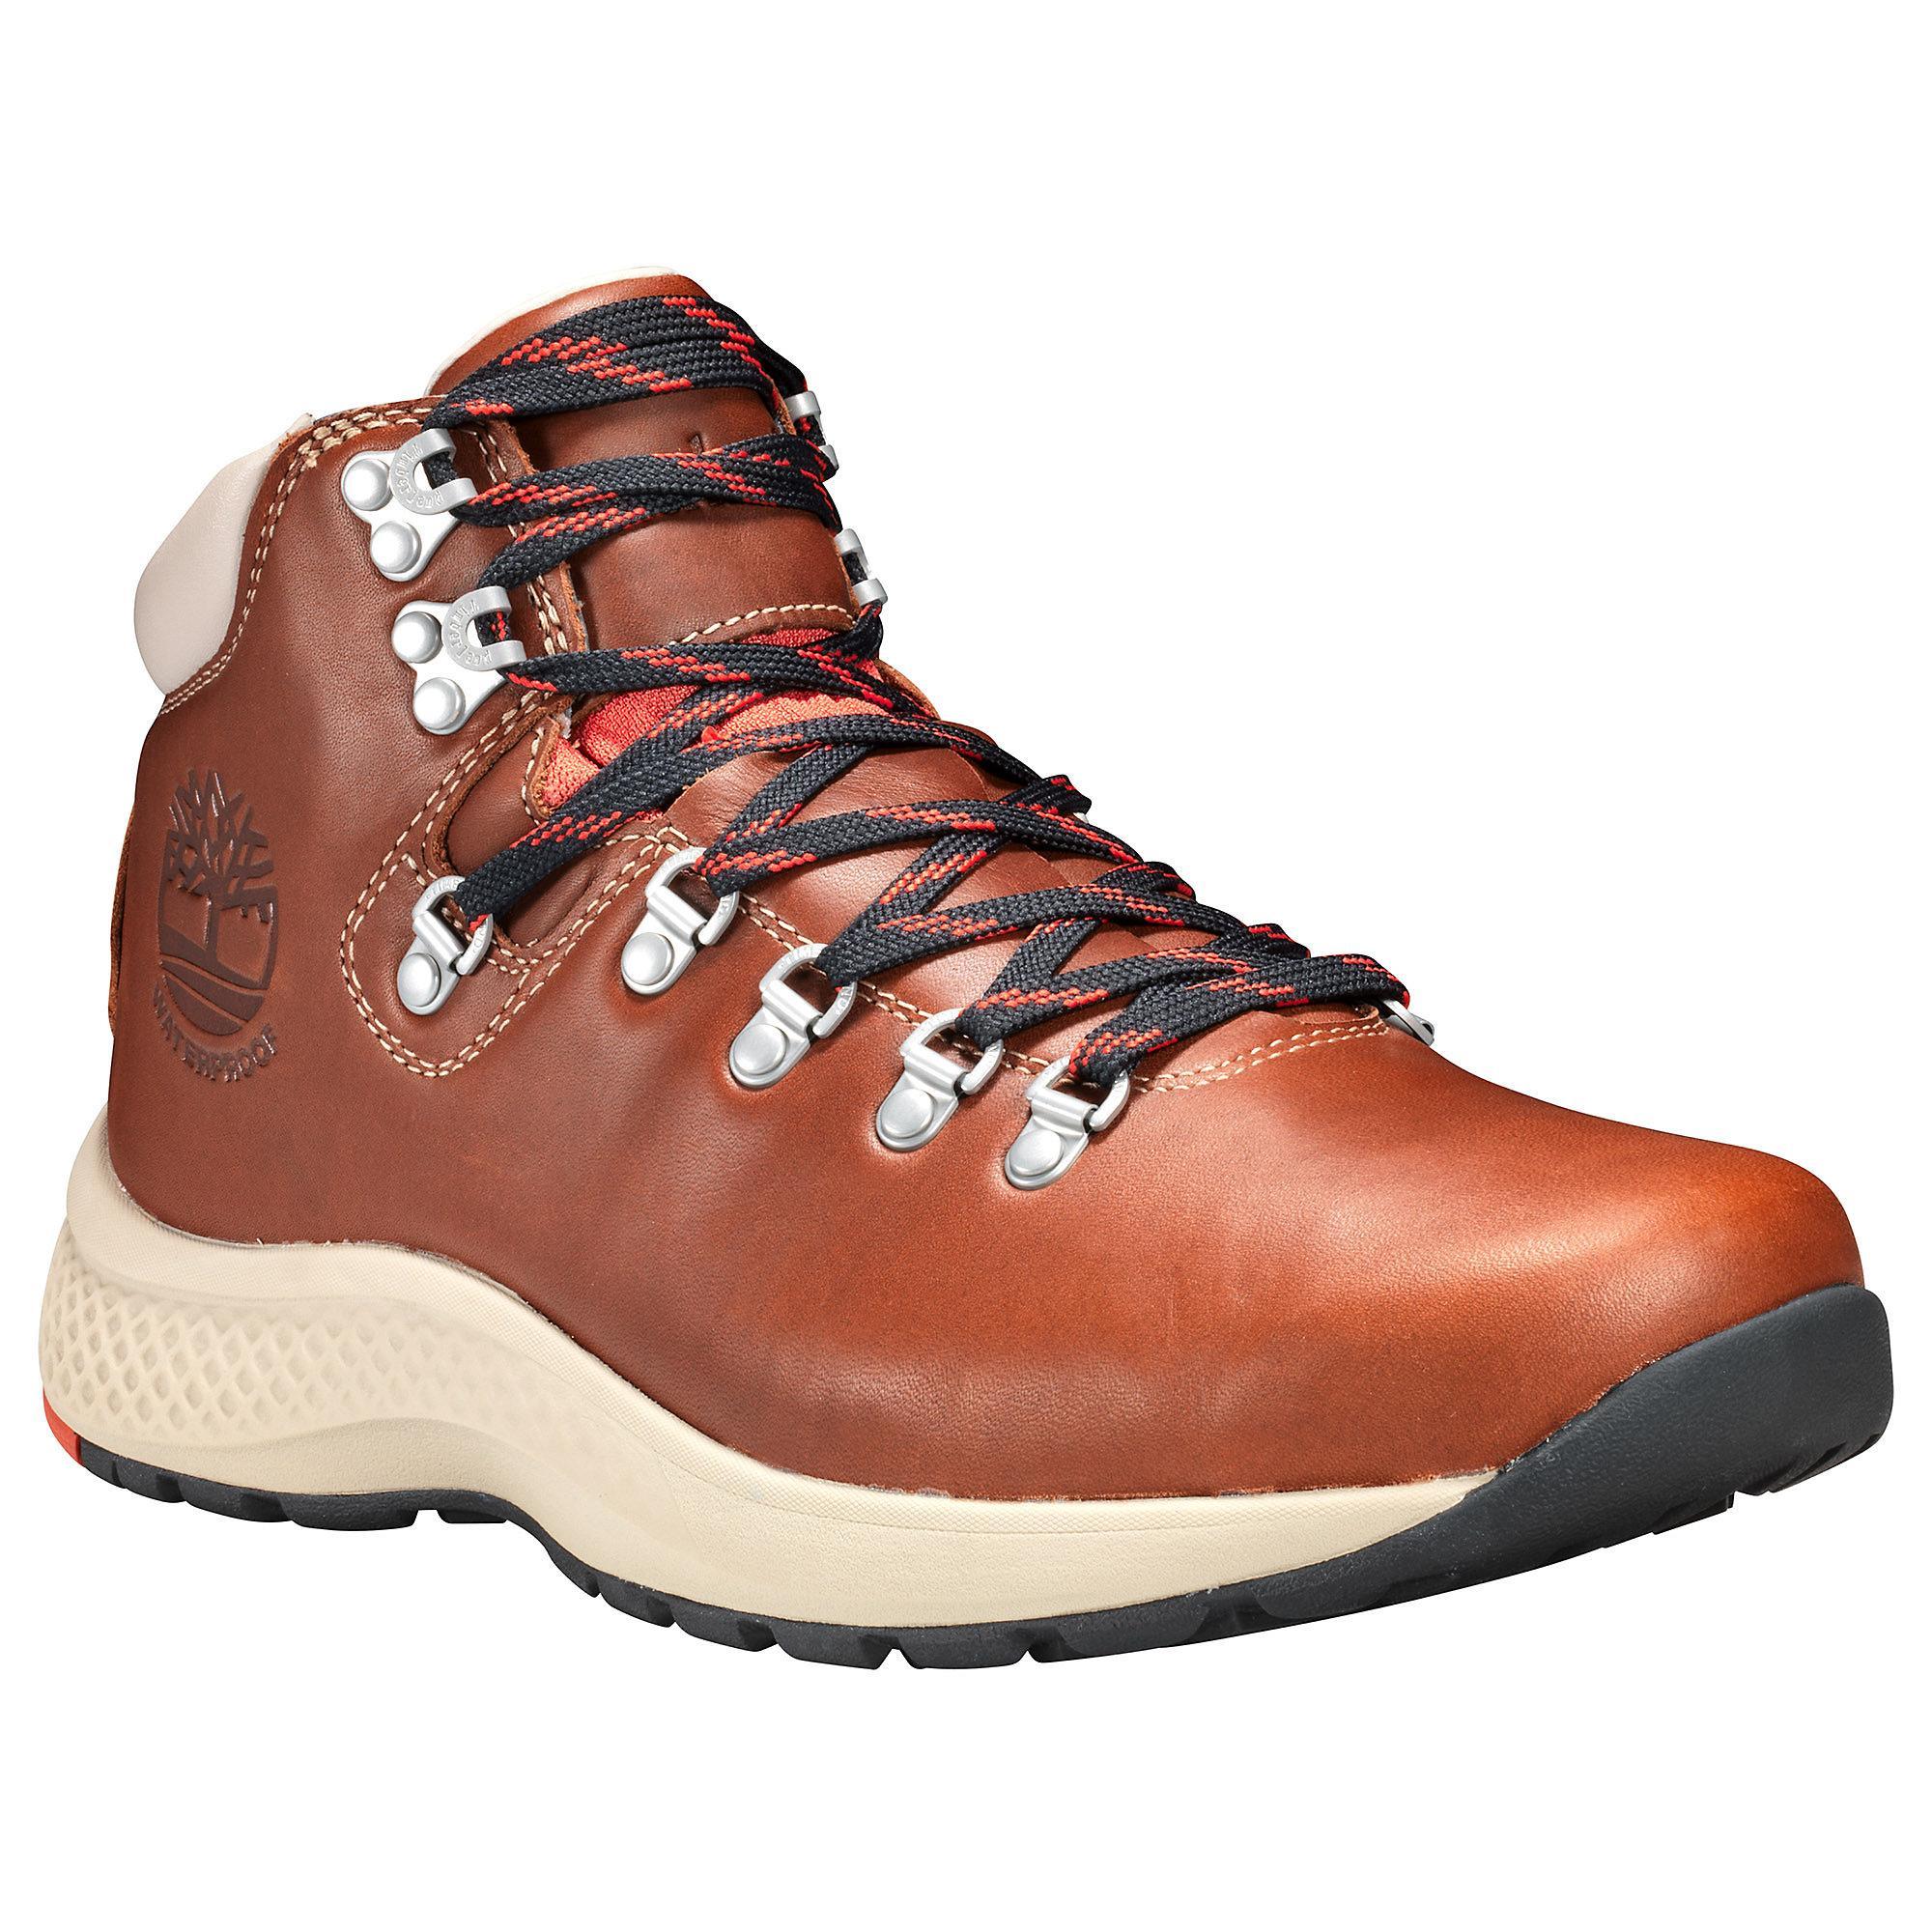 c3c26ef9aaf Men's Brown 1978 Aerocore Hiker Waterproof Boot